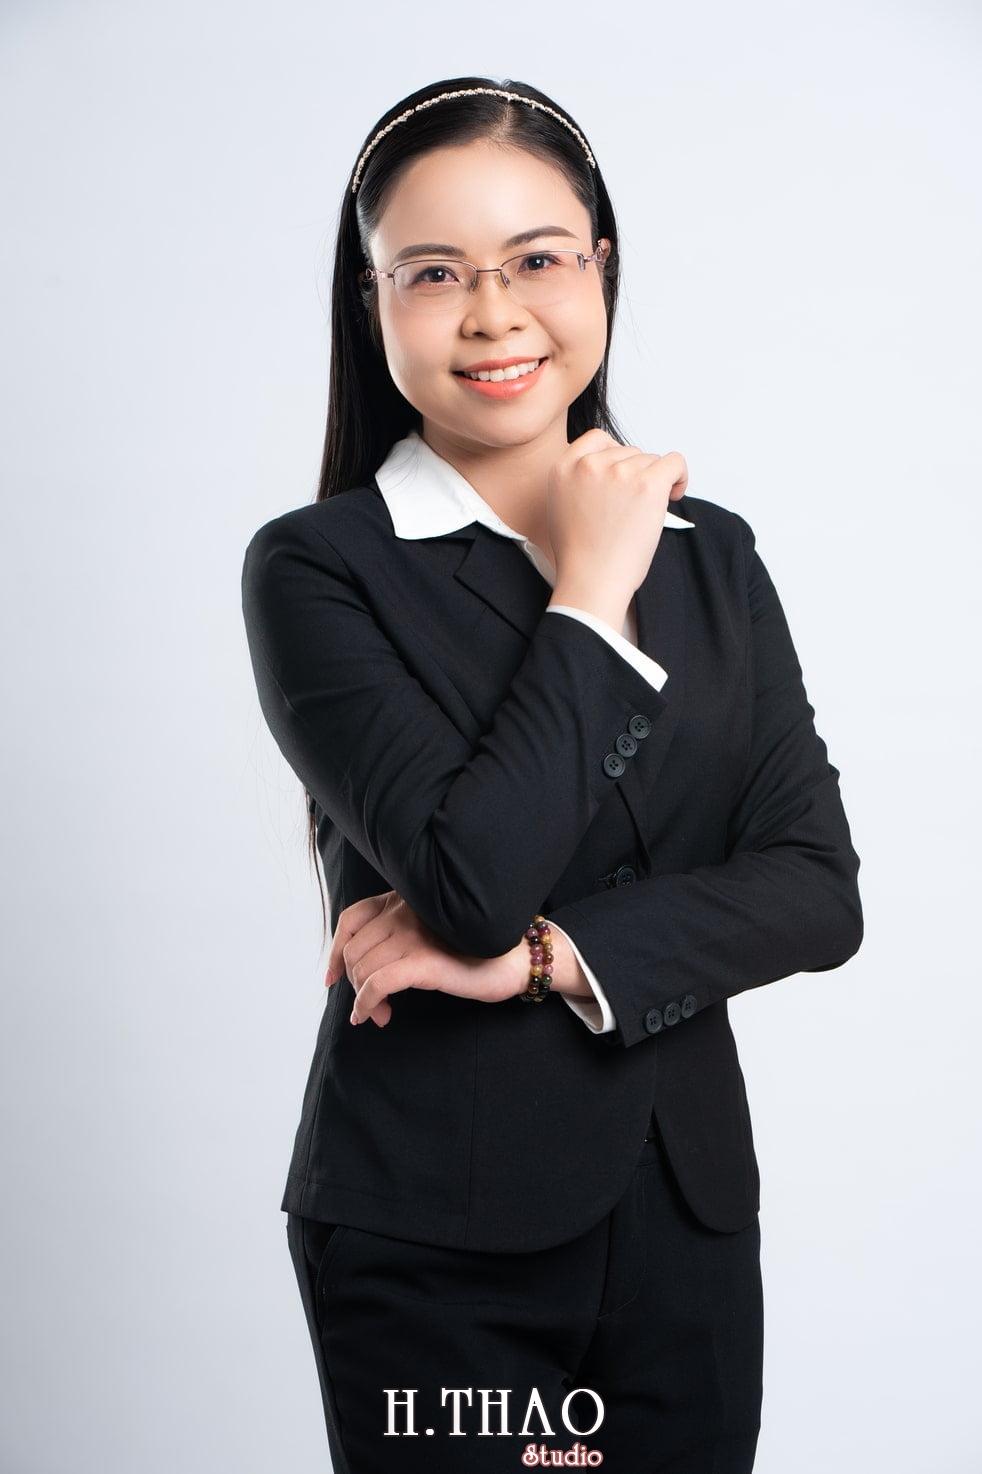 Anh Doanh nhan 5 1 - Góc ảnh doanh nhân, MC Khánh Vy đẹp năng động – HThao Studio